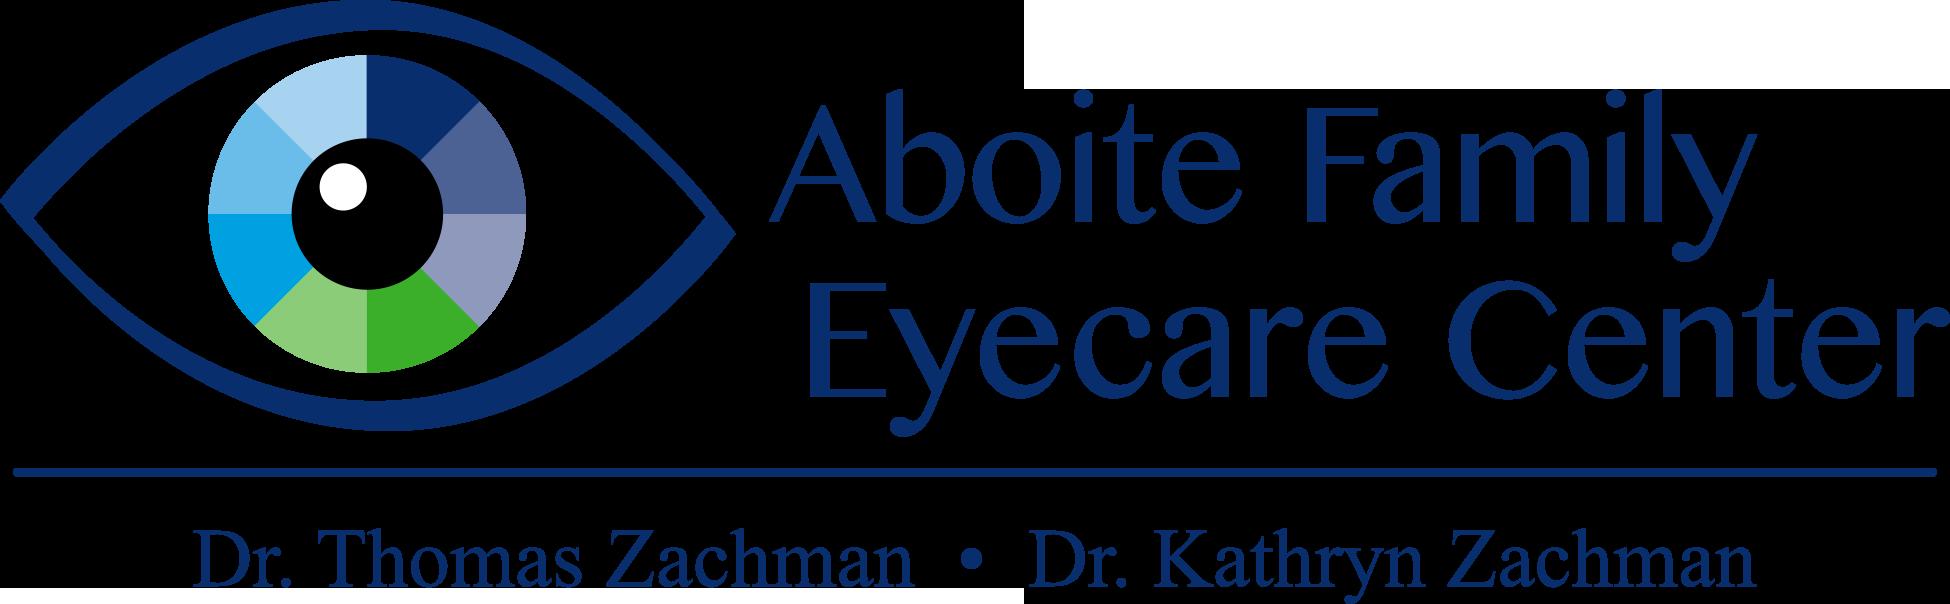 Aboite Family Eyecare Center | Eyecare Serving Fort Wayne